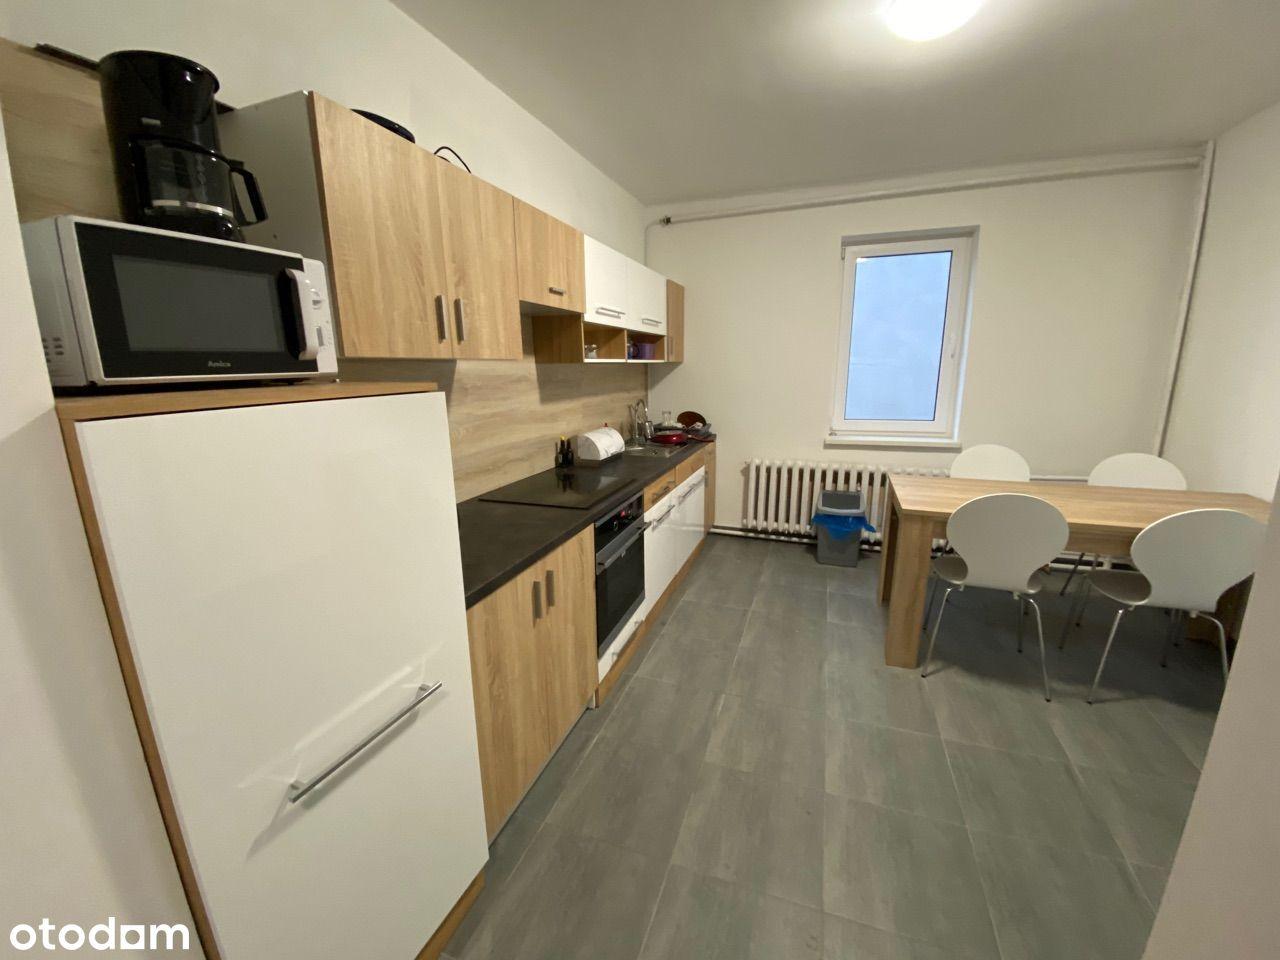 Dom jednorodzinny wraz z lokatorami - 15 łóżek